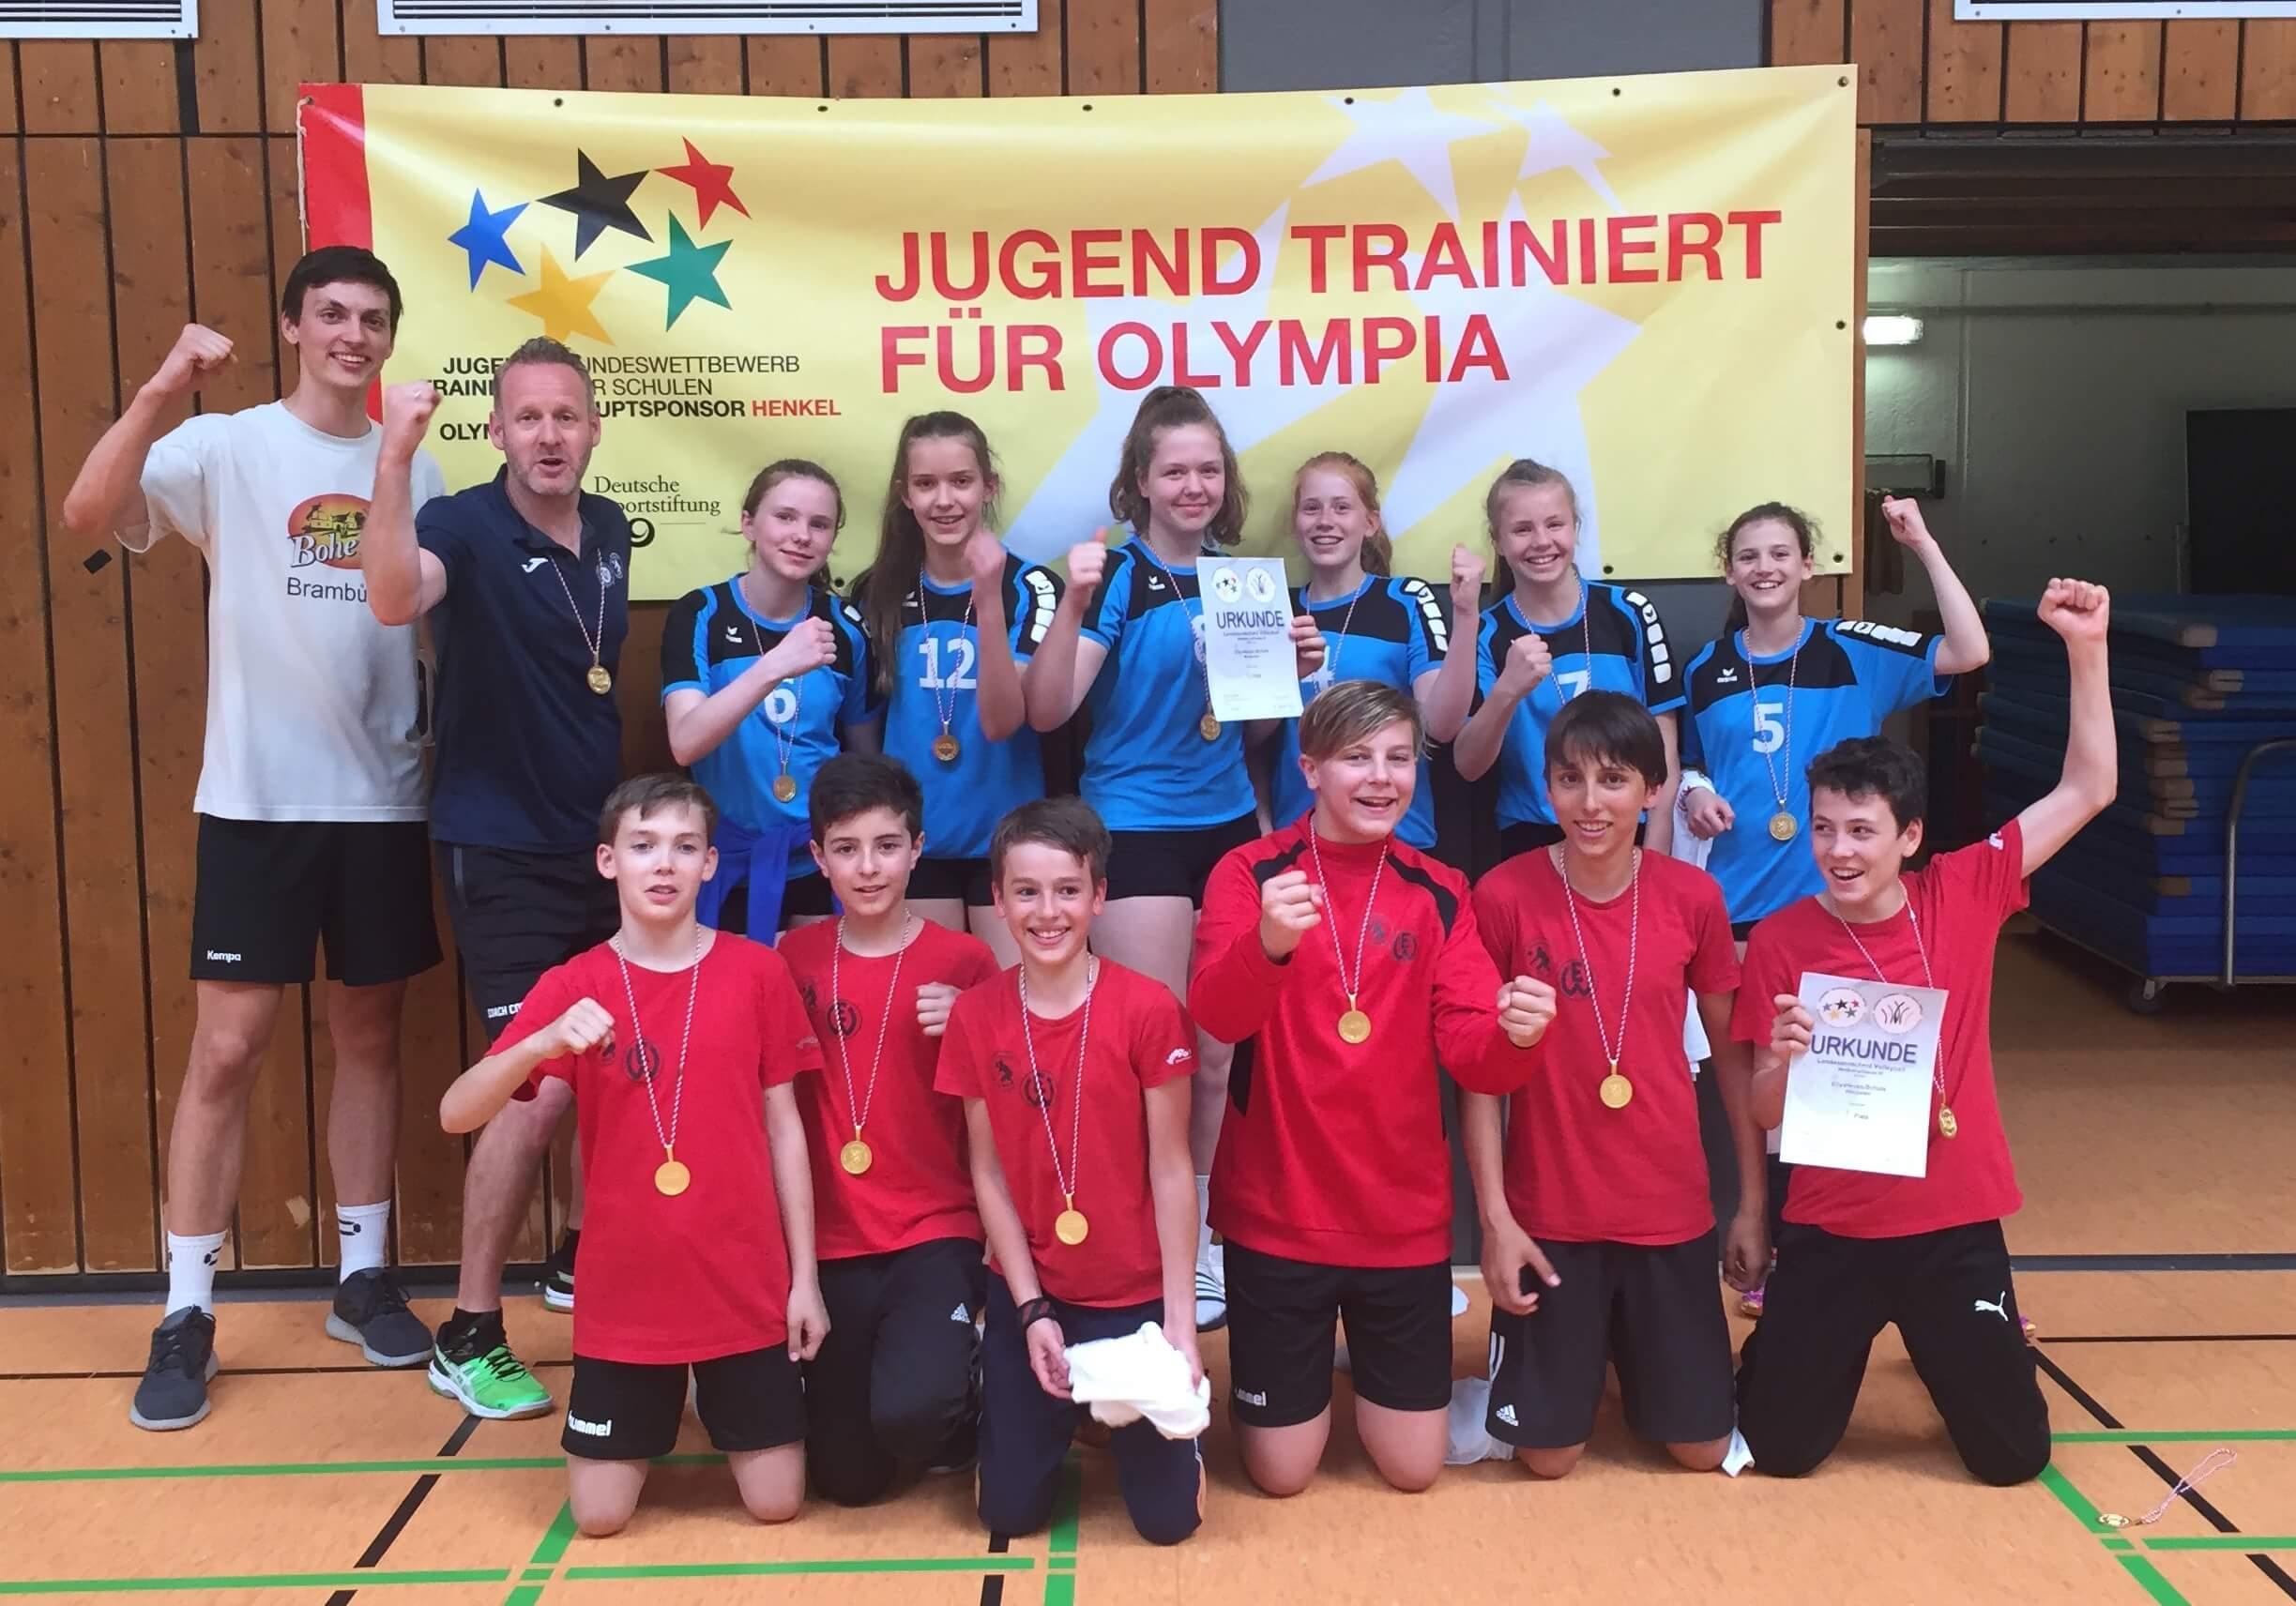 Doppelter Landessieg bei Jugend trainiert für Olympia!